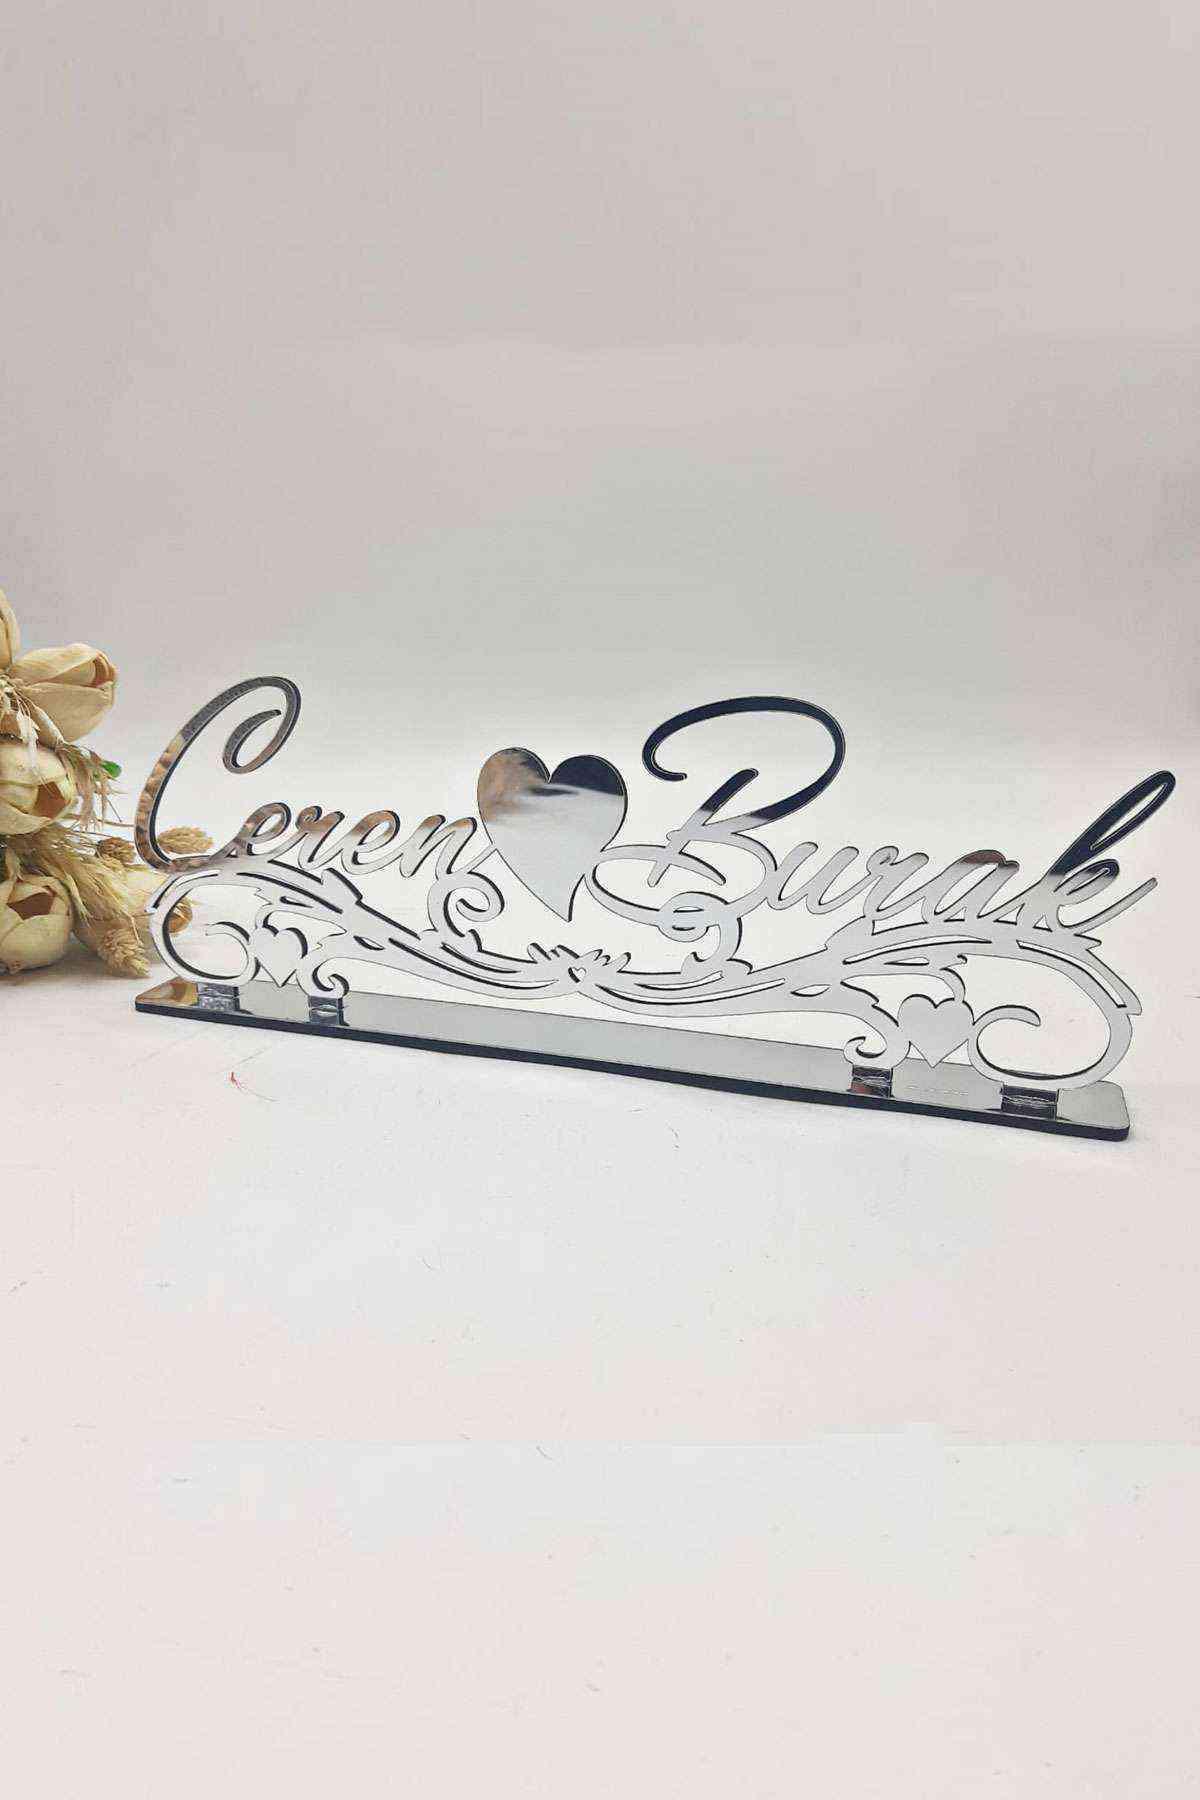 40x15 Cm Masaüstü Pleksi Isimlik Söz Nişan Kına Düğün Gümüş